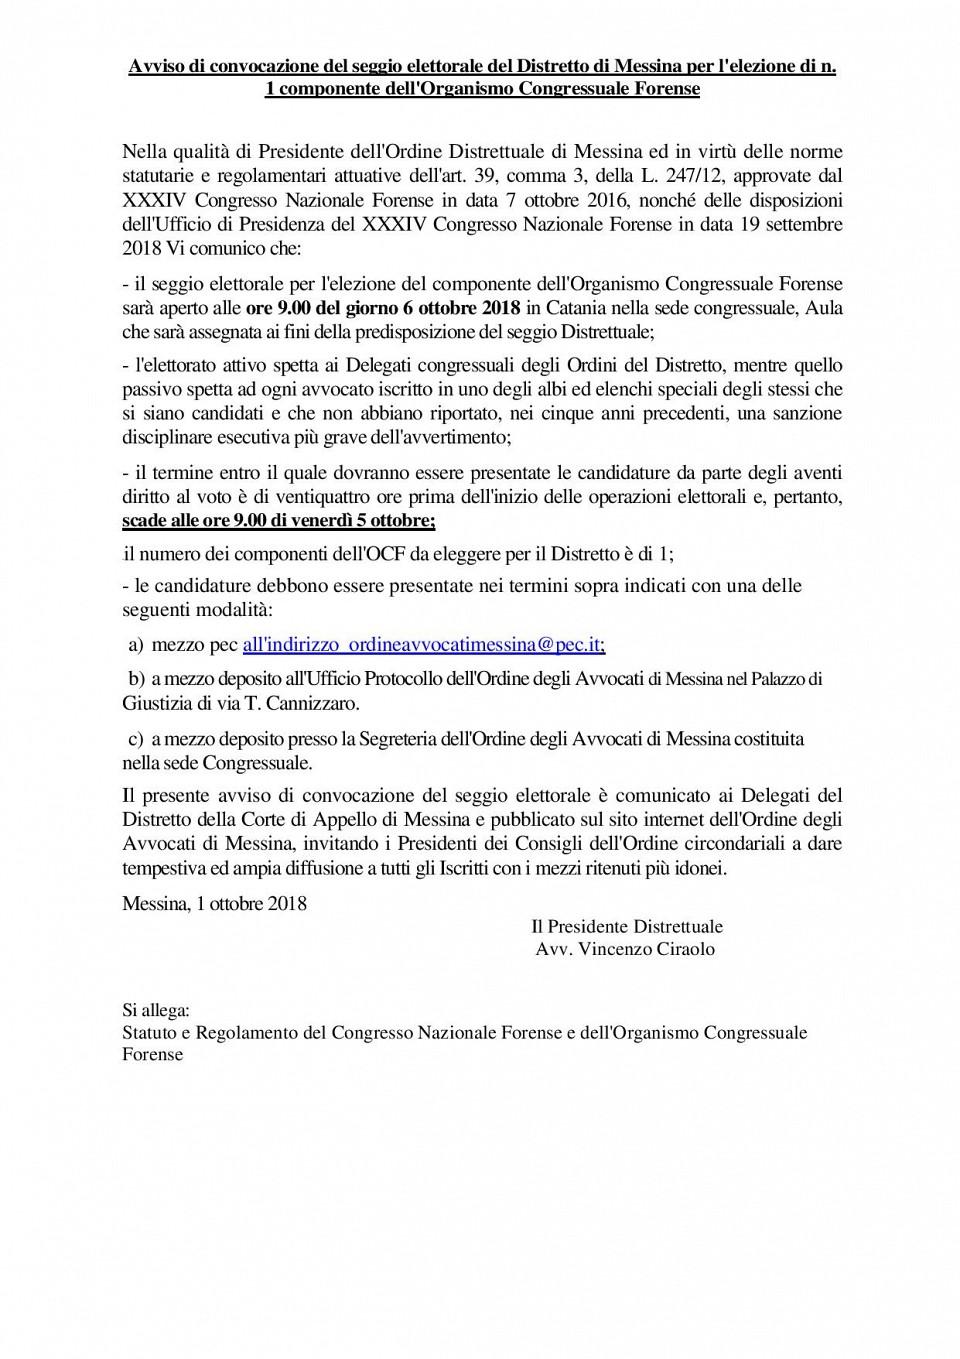 Avviso di convocazione del seggio elettorale del Distretto di Messina per l elezione di n. 1 componente dell Organismo Congressuale Forense